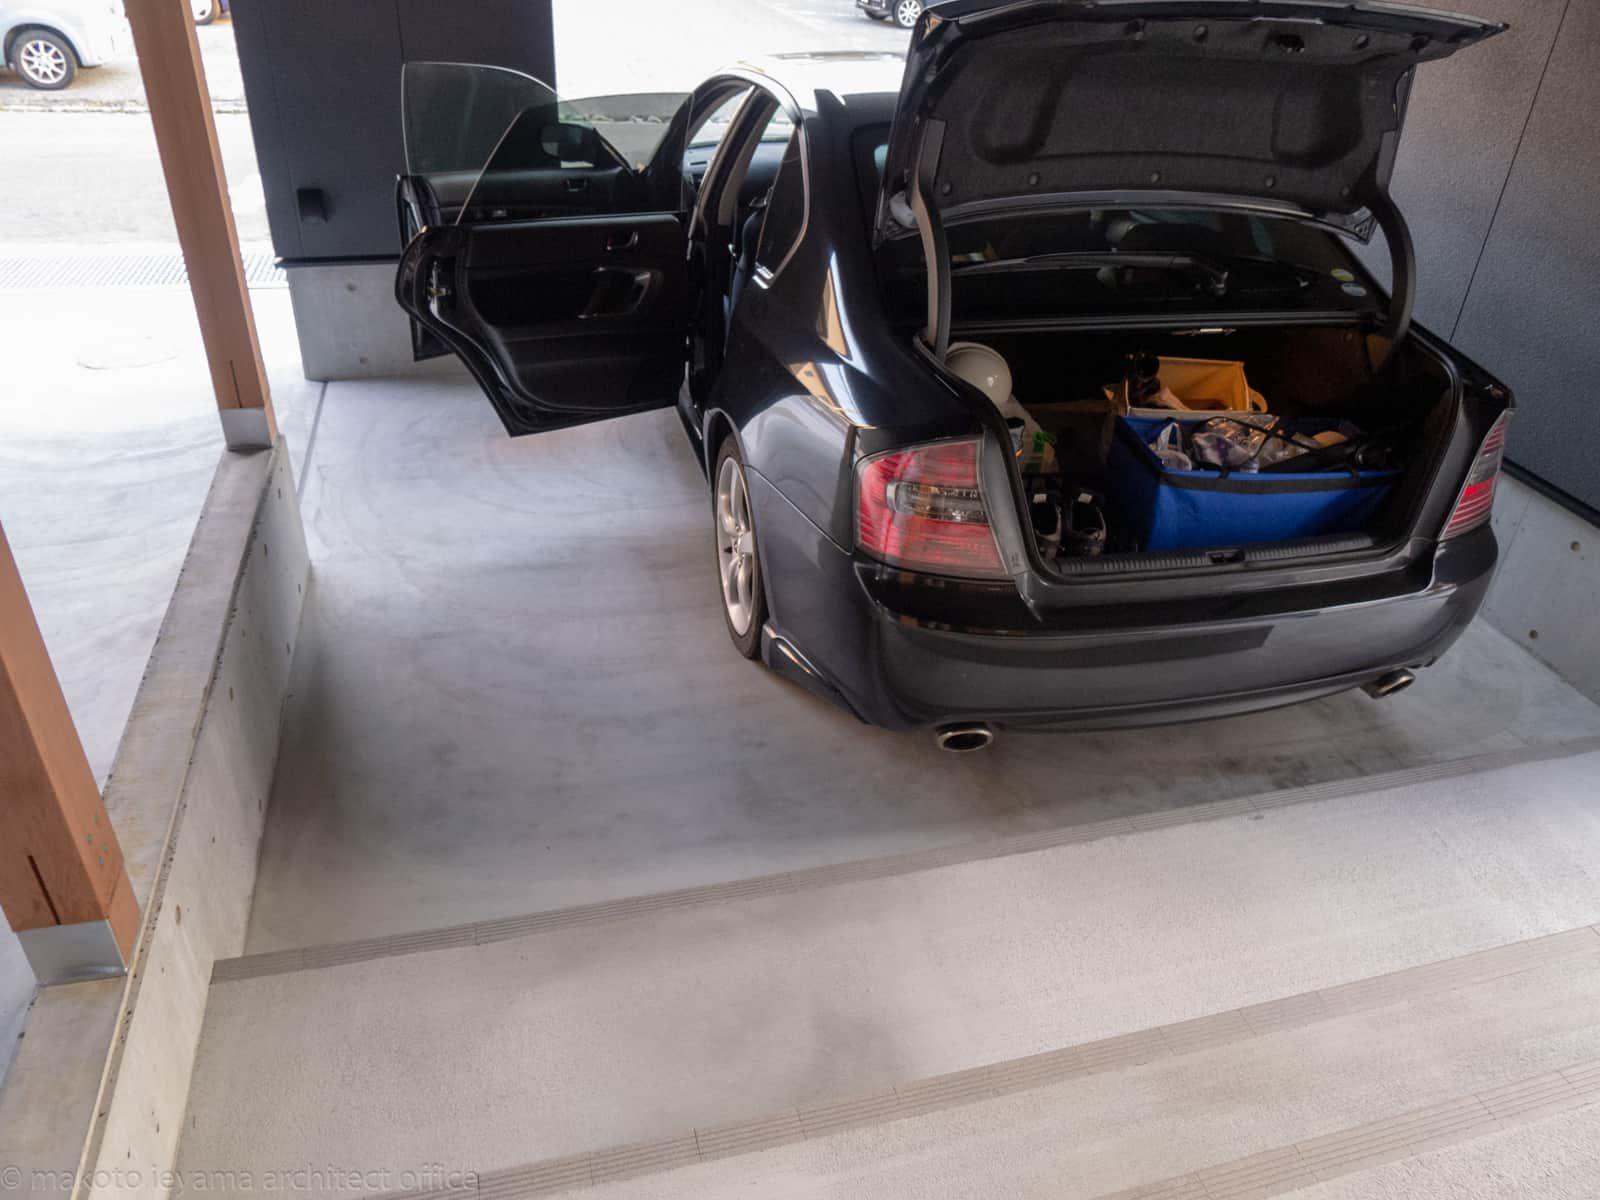 円光寺の家 ガレージで荷物の積みおろし